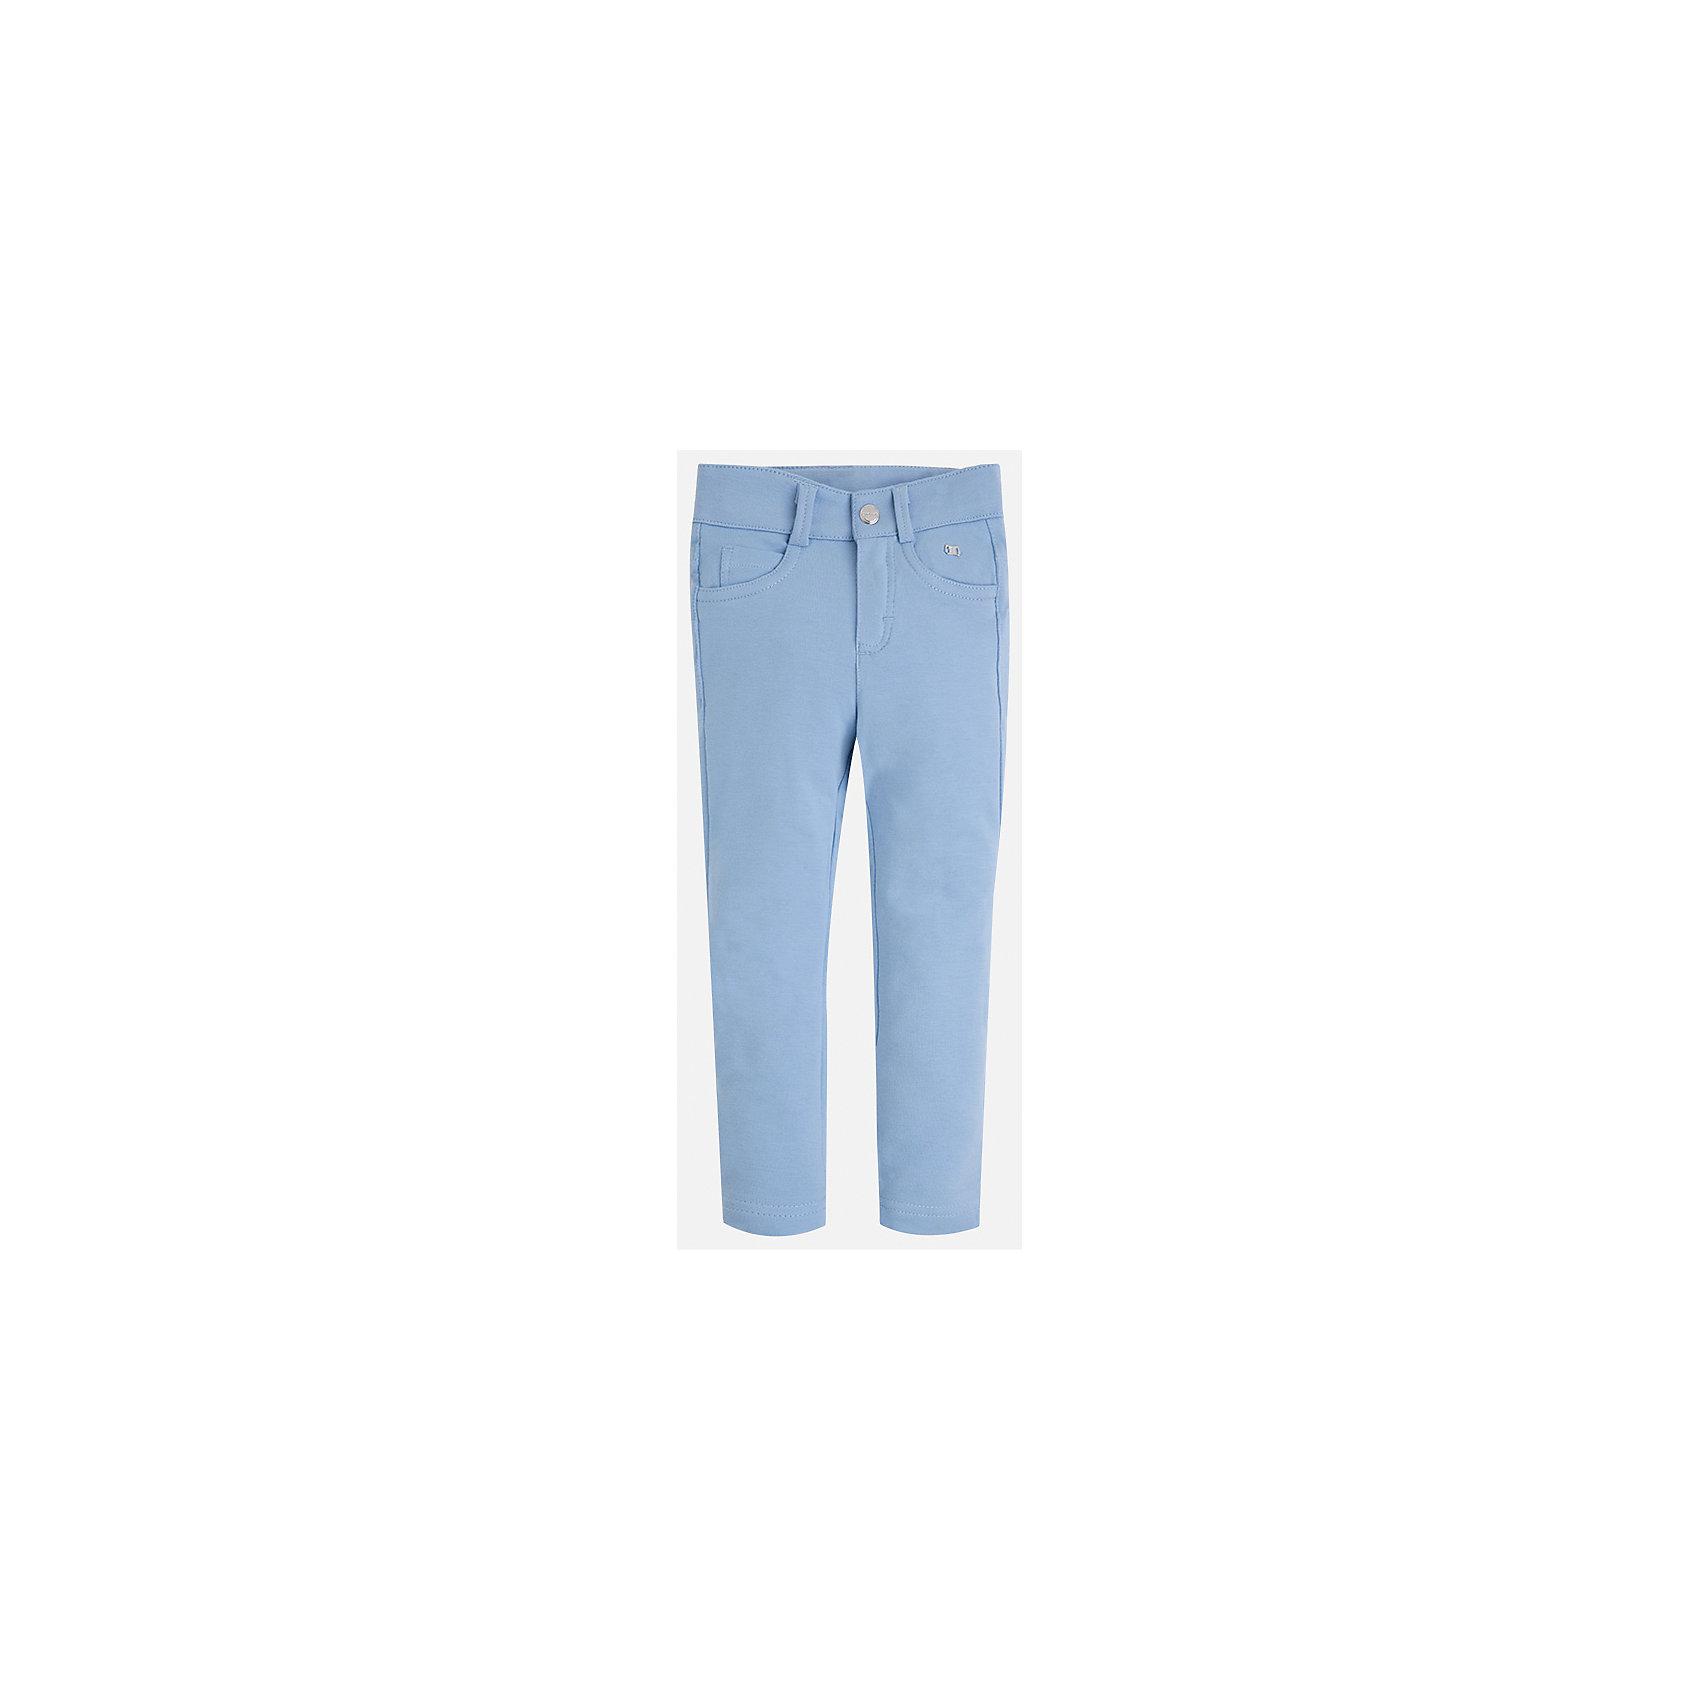 Брюки для девочки MayoralБрюки<br>Характеристики товара:<br><br>• цвет: голубой<br>• состав: 95% хлопок, 5% эластан<br>• шлевки<br>• эластичный материал<br>• карманы<br>• приятный оттенок<br>• страна бренда: Испания<br><br>Модные брюки для девочки смогут разнообразить гардероб ребенка и украсить наряд. Они отлично сочетаются с майками, футболками, блузками. Красивый оттенок позволяет подобрать к вещи верх разных расцветок. В составе материала - натуральный хлопок, гипоаллергенный, приятный на ощупь, дышащий. Леггинсы отлично сидят и не стесняют движения.<br><br>Одежда, обувь и аксессуары от испанского бренда Mayoral полюбились детям и взрослым по всему миру. Модели этой марки - стильные и удобные. Для их производства используются только безопасные, качественные материалы и фурнитура. Порадуйте ребенка модными и красивыми вещами от Mayoral! <br><br>Брюки для девочки от испанского бренда Mayoral (Майорал) можно купить в нашем интернет-магазине.<br><br>Ширина мм: 123<br>Глубина мм: 10<br>Высота мм: 149<br>Вес г: 209<br>Цвет: голубой<br>Возраст от месяцев: 24<br>Возраст до месяцев: 36<br>Пол: Женский<br>Возраст: Детский<br>Размер: 98,122,128,134,104,110,92,116<br>SKU: 5300058